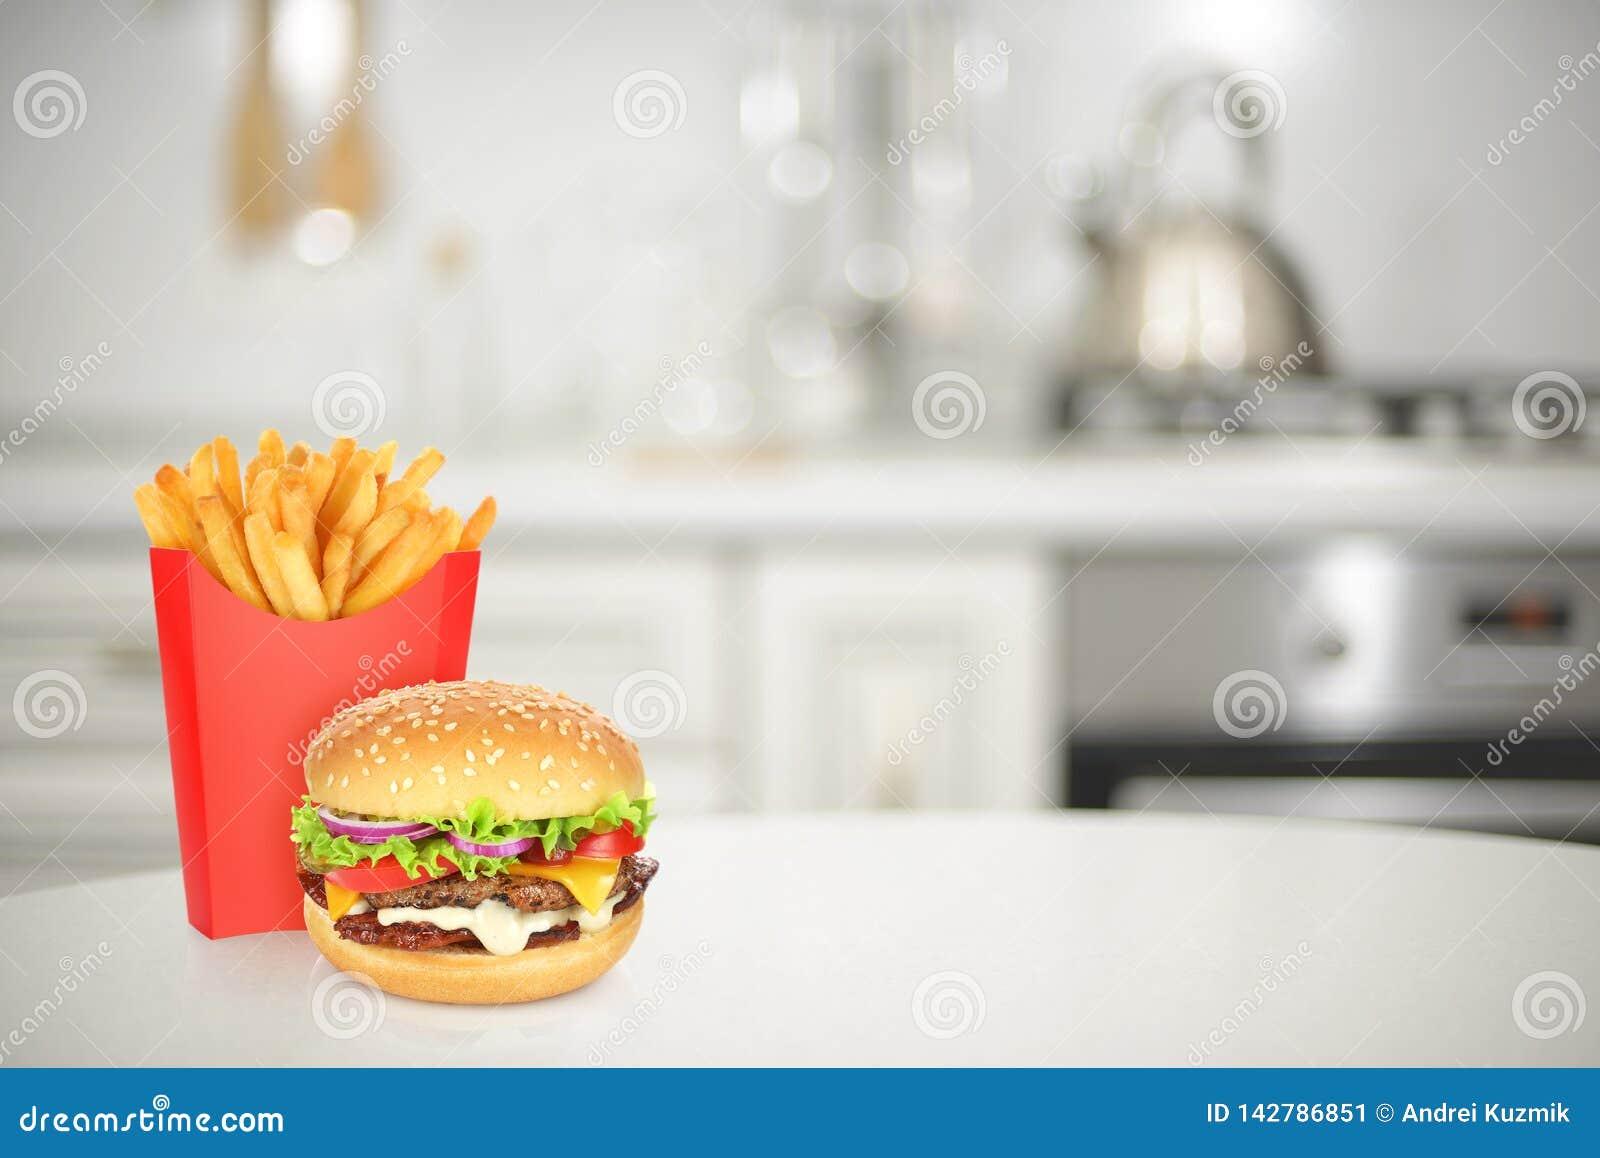 Cheeseburger Und Pommes Frites Auf Kche Stockbild   Bild von küche, kopfsalat 142786851